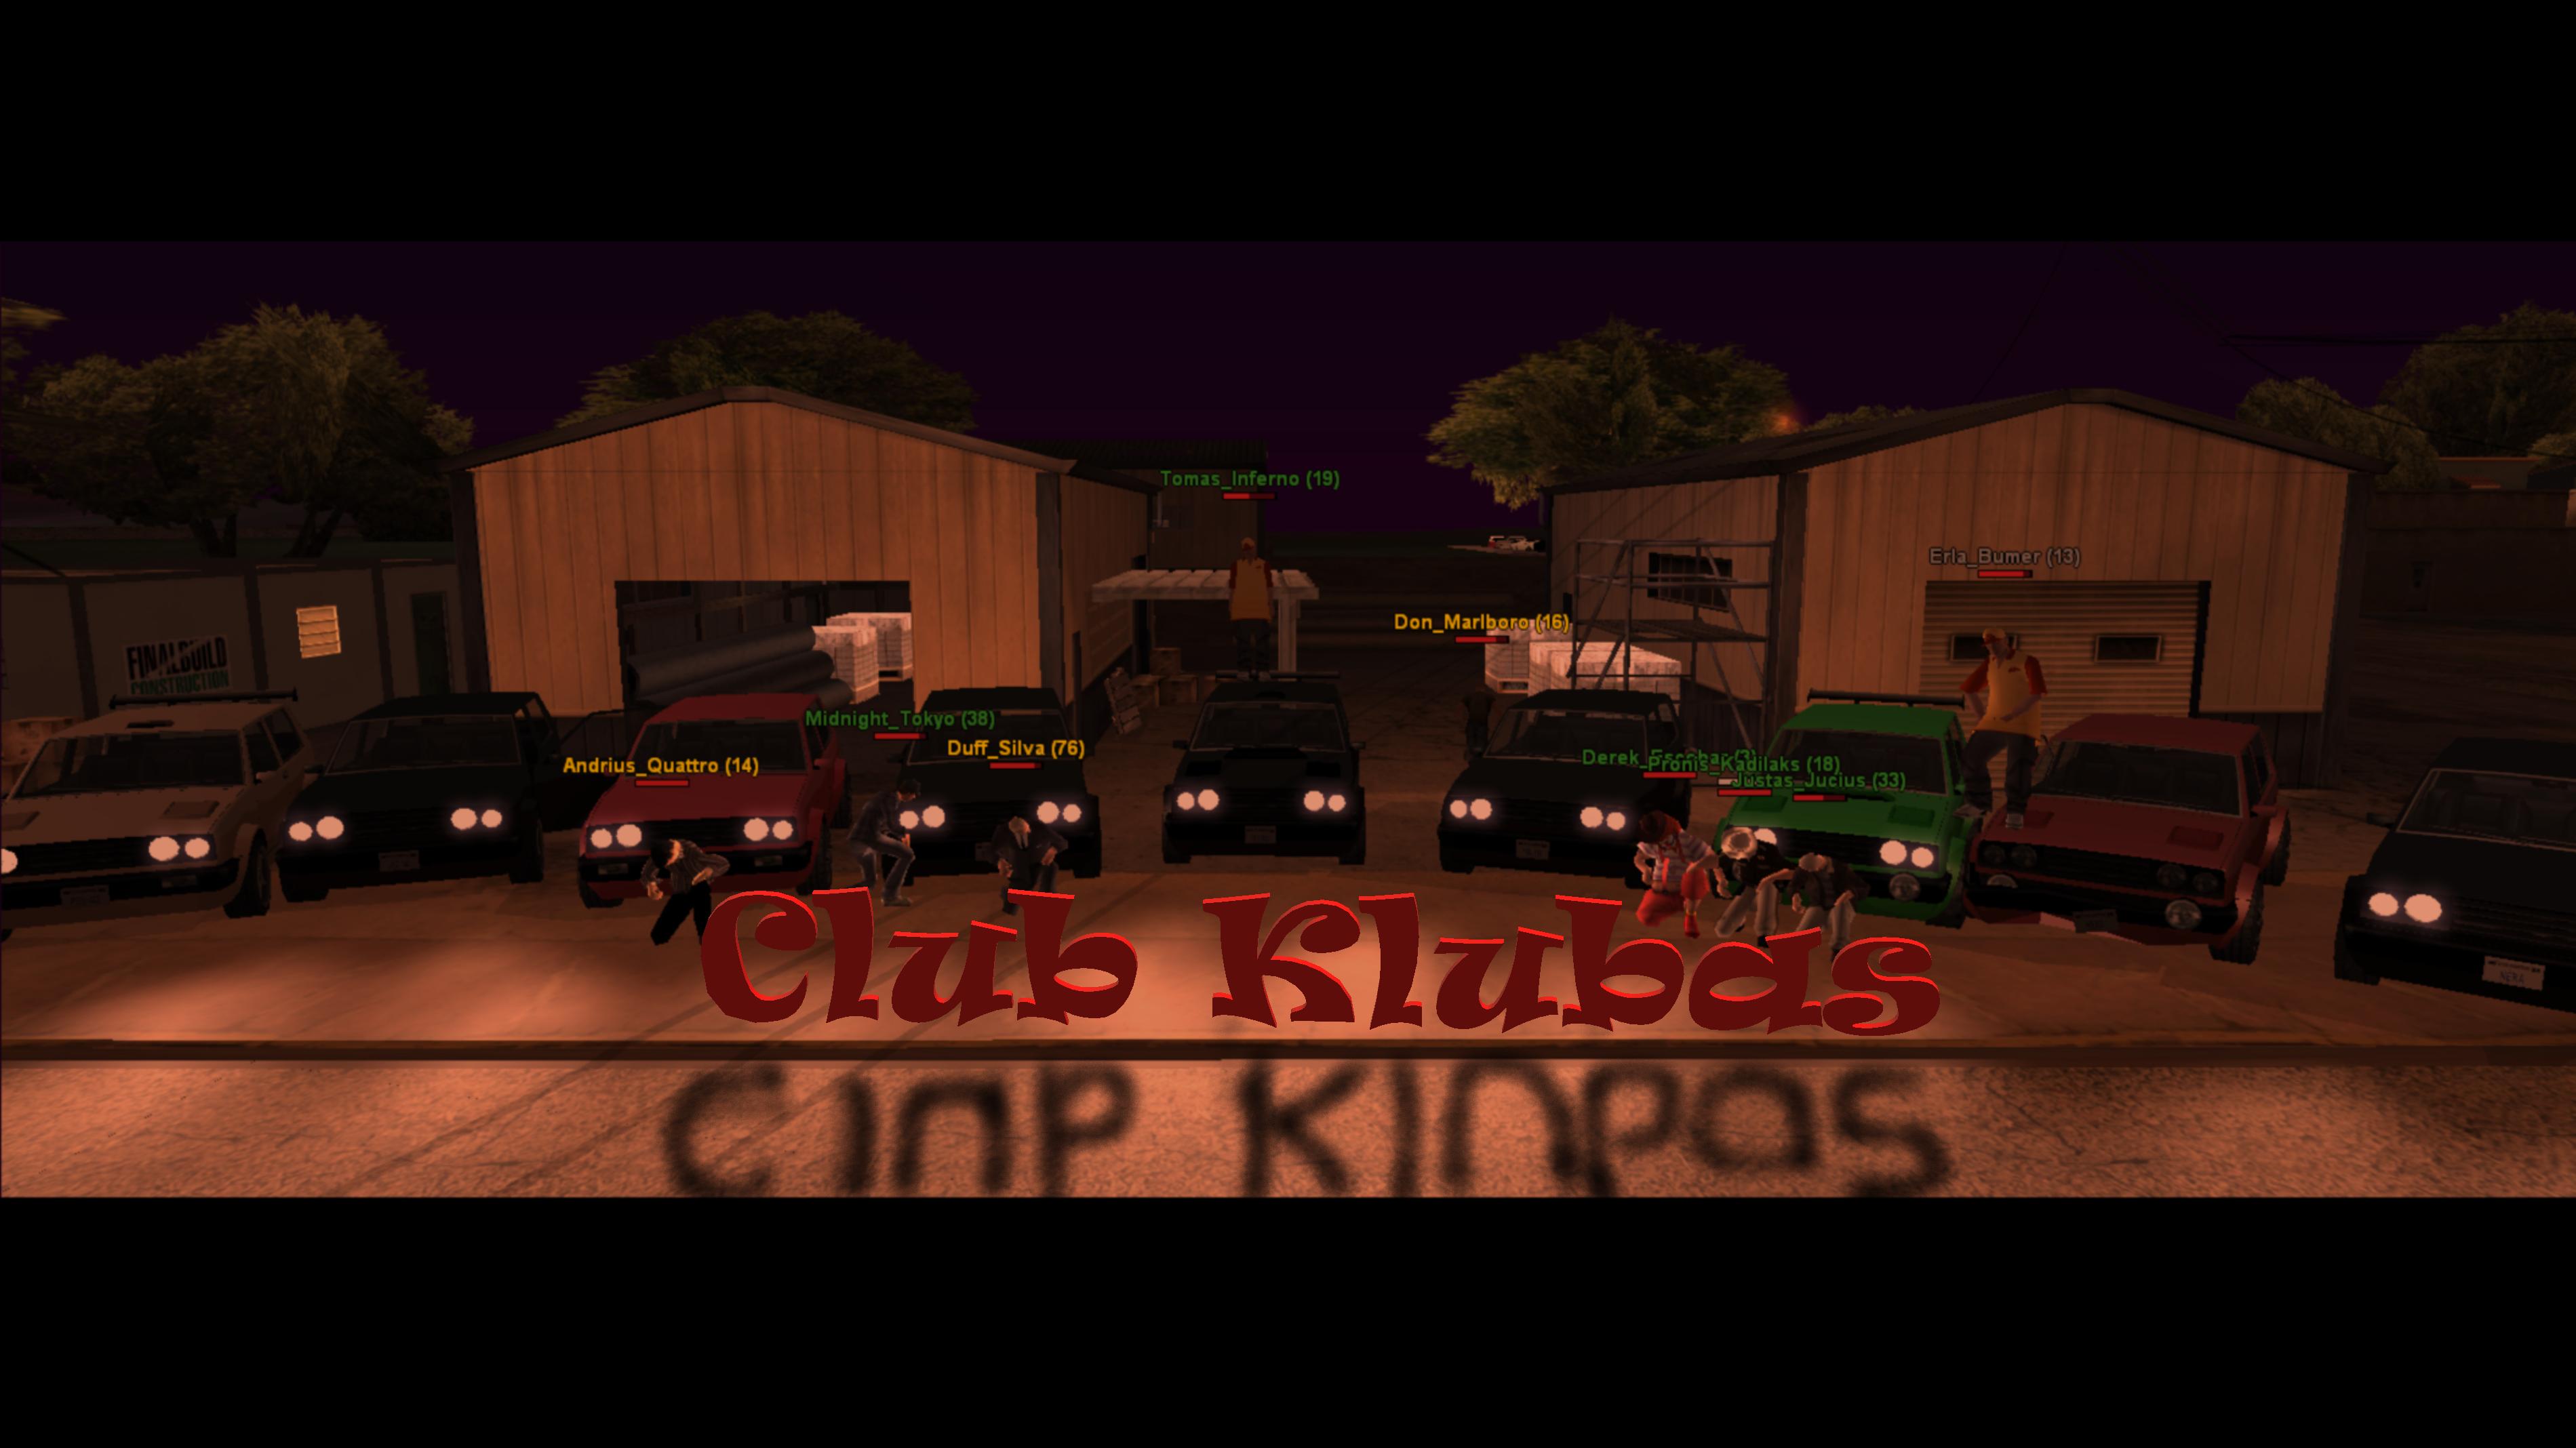 CLUB Klubas